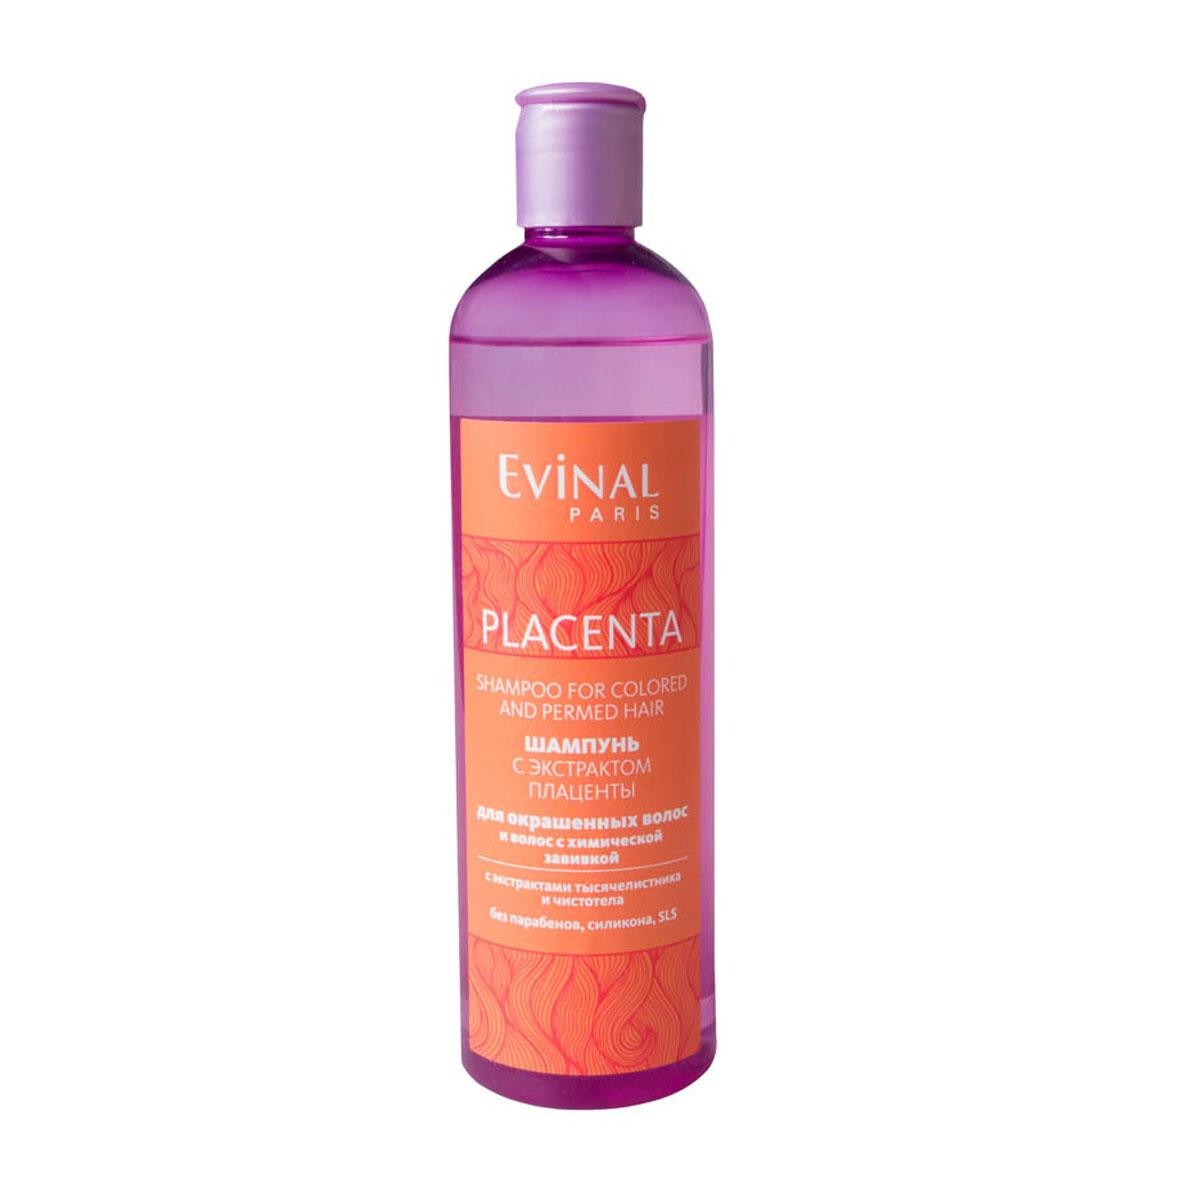 Шампунь Evinal с экстрактом плаценты;для окрашенных волос и волос с химической завивкой;300 млFS-00103Шампунь с экстрактом плаценты для окрашенных волос и волос с химической завивкой.Шампунь Evinal с экстрактом плаценты предназначен для окрашенных волос и волос с химической завивкой.Показания к применению: выпадение волос;слабые и ломкие волосы;секущиеся концы волос. Частое применение красителей и других химических средств для волос.Результат клинических испытаний: шампунь надежно останавливает выпадение волос в 83% случаев;усиливает рост новых волос до 3см за 60дней применения шампуня в 90% случаев;придает объем блеск и силу в 100% случаев.Рекомендован для ежедневного использования. Максимальный результат достигается при совместном использовании шампуня и бальзама на плаценте в течение 60 дней.Хранить при комнатной температуре. Срок годности 24 месяца. Объем 300мл.